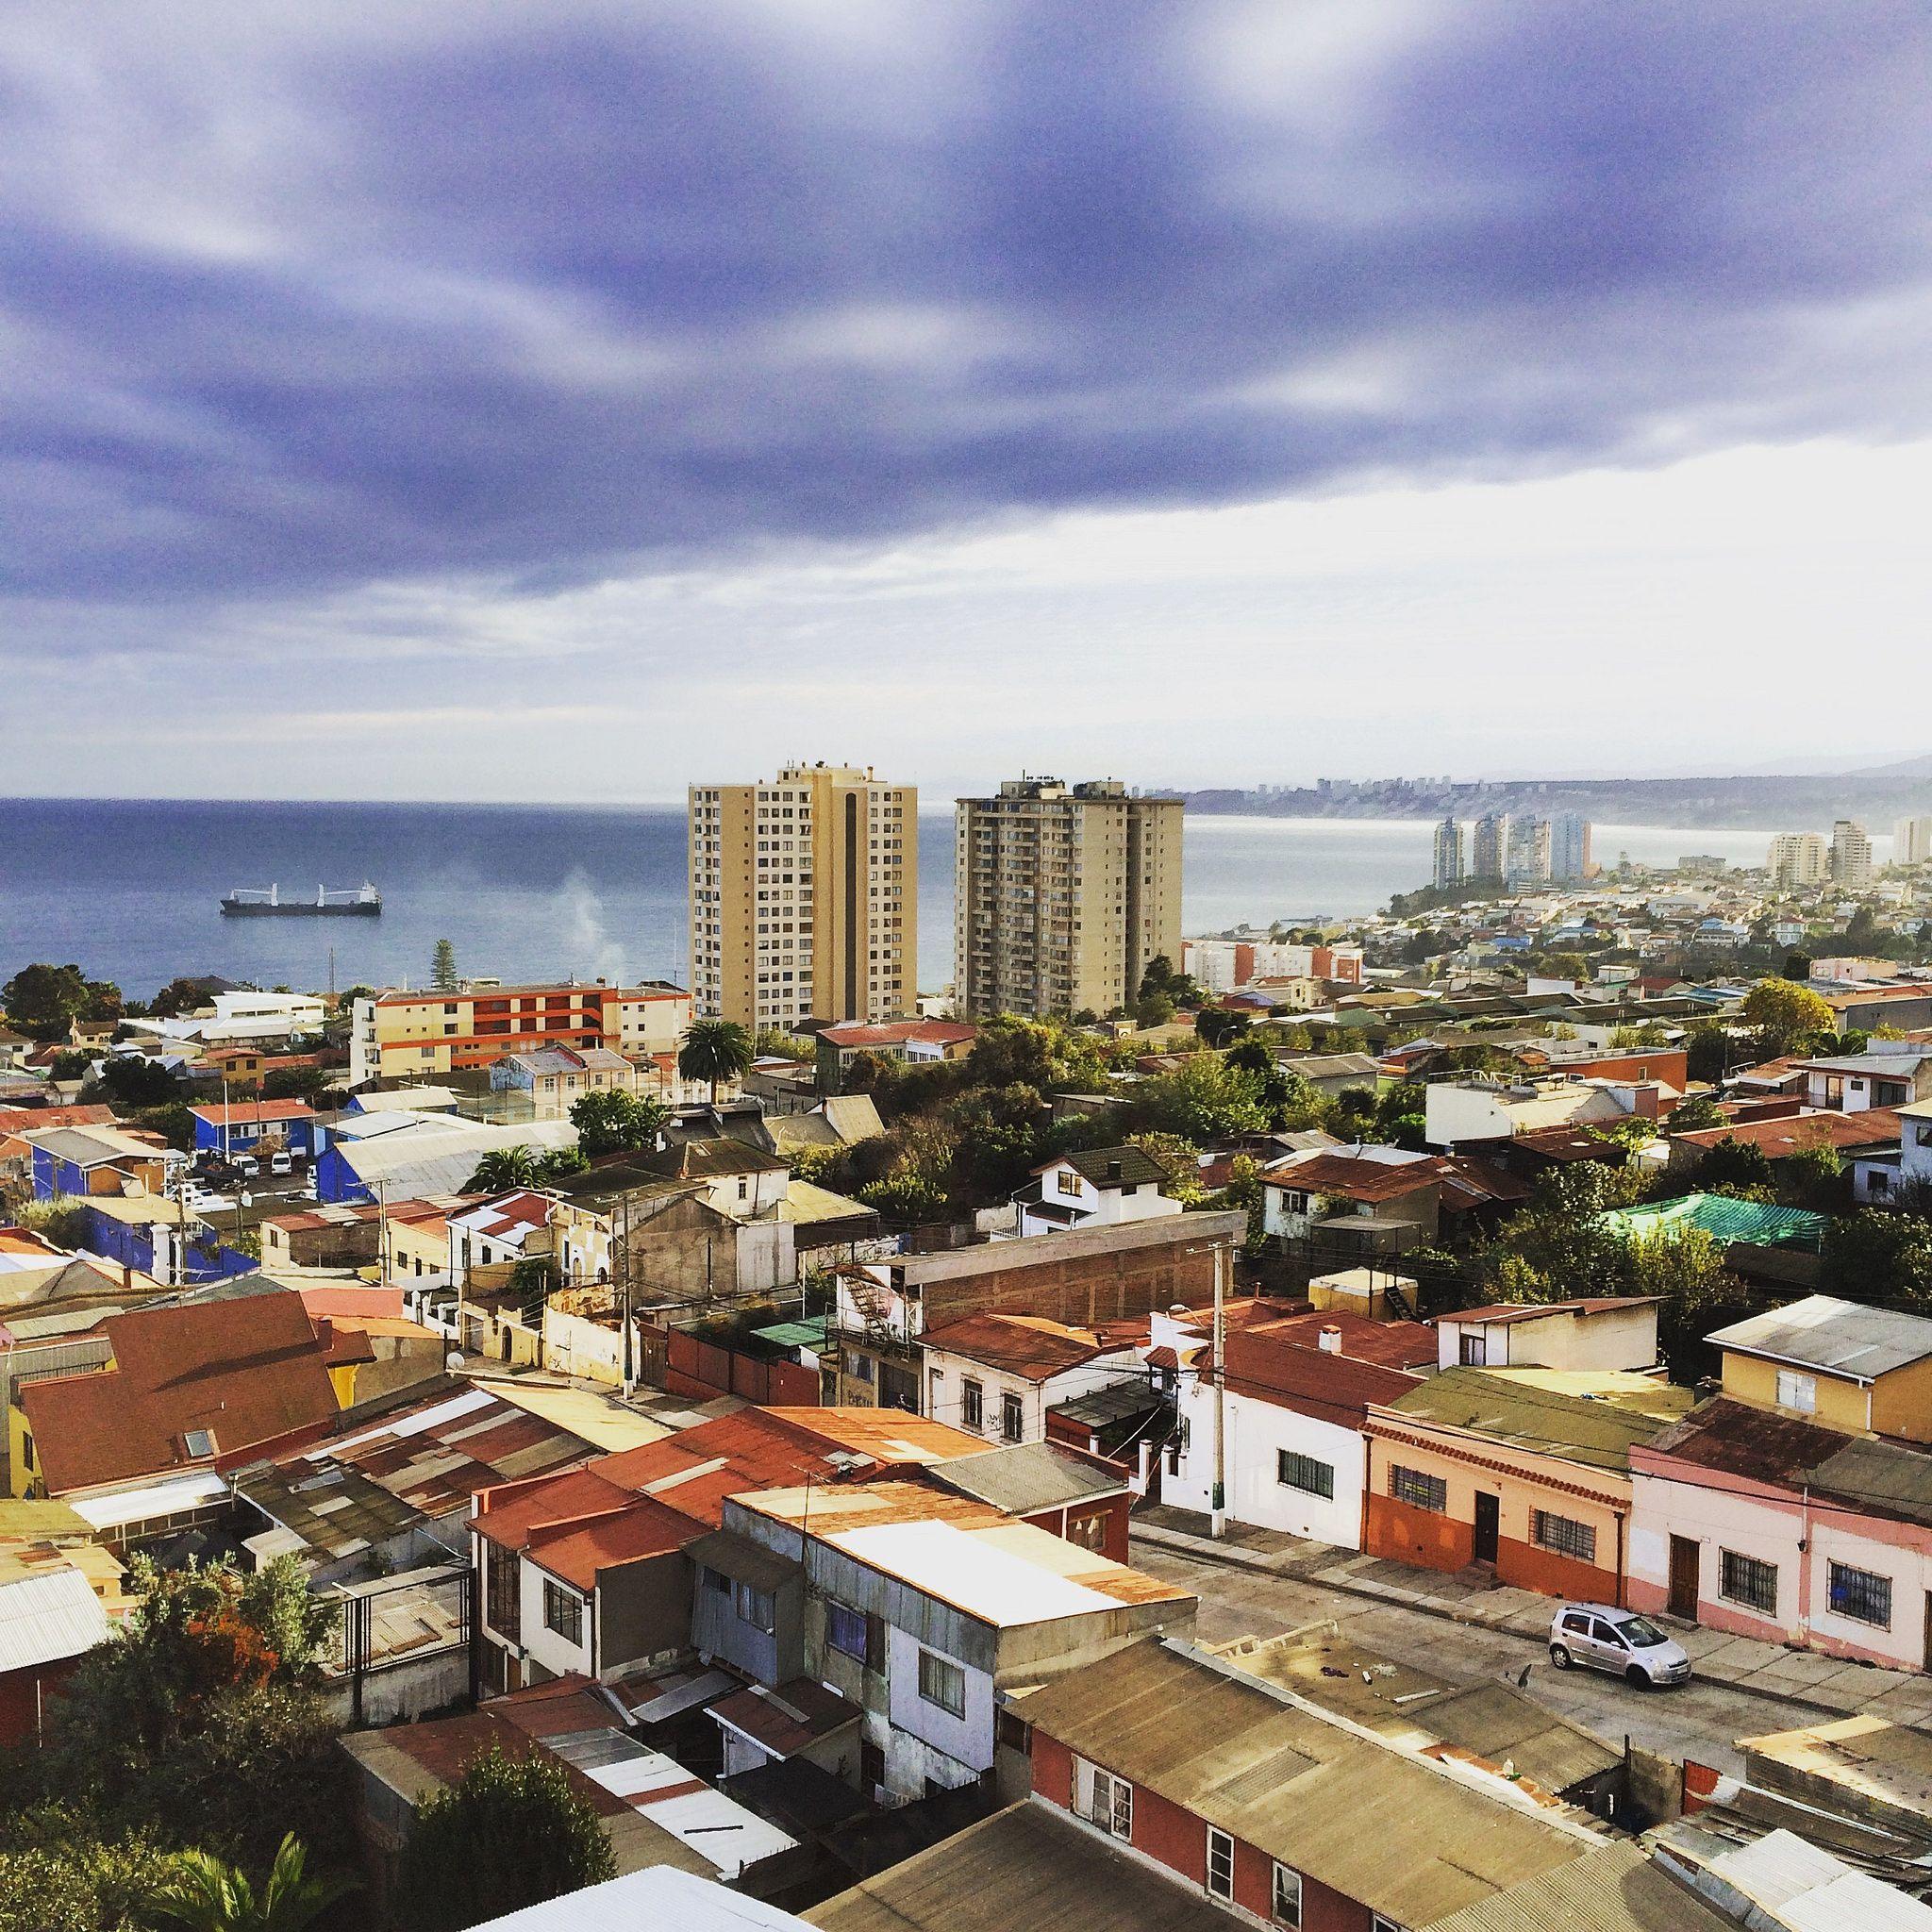 https://flic.kr/p/GJKLqv | Valparaíso #Chile